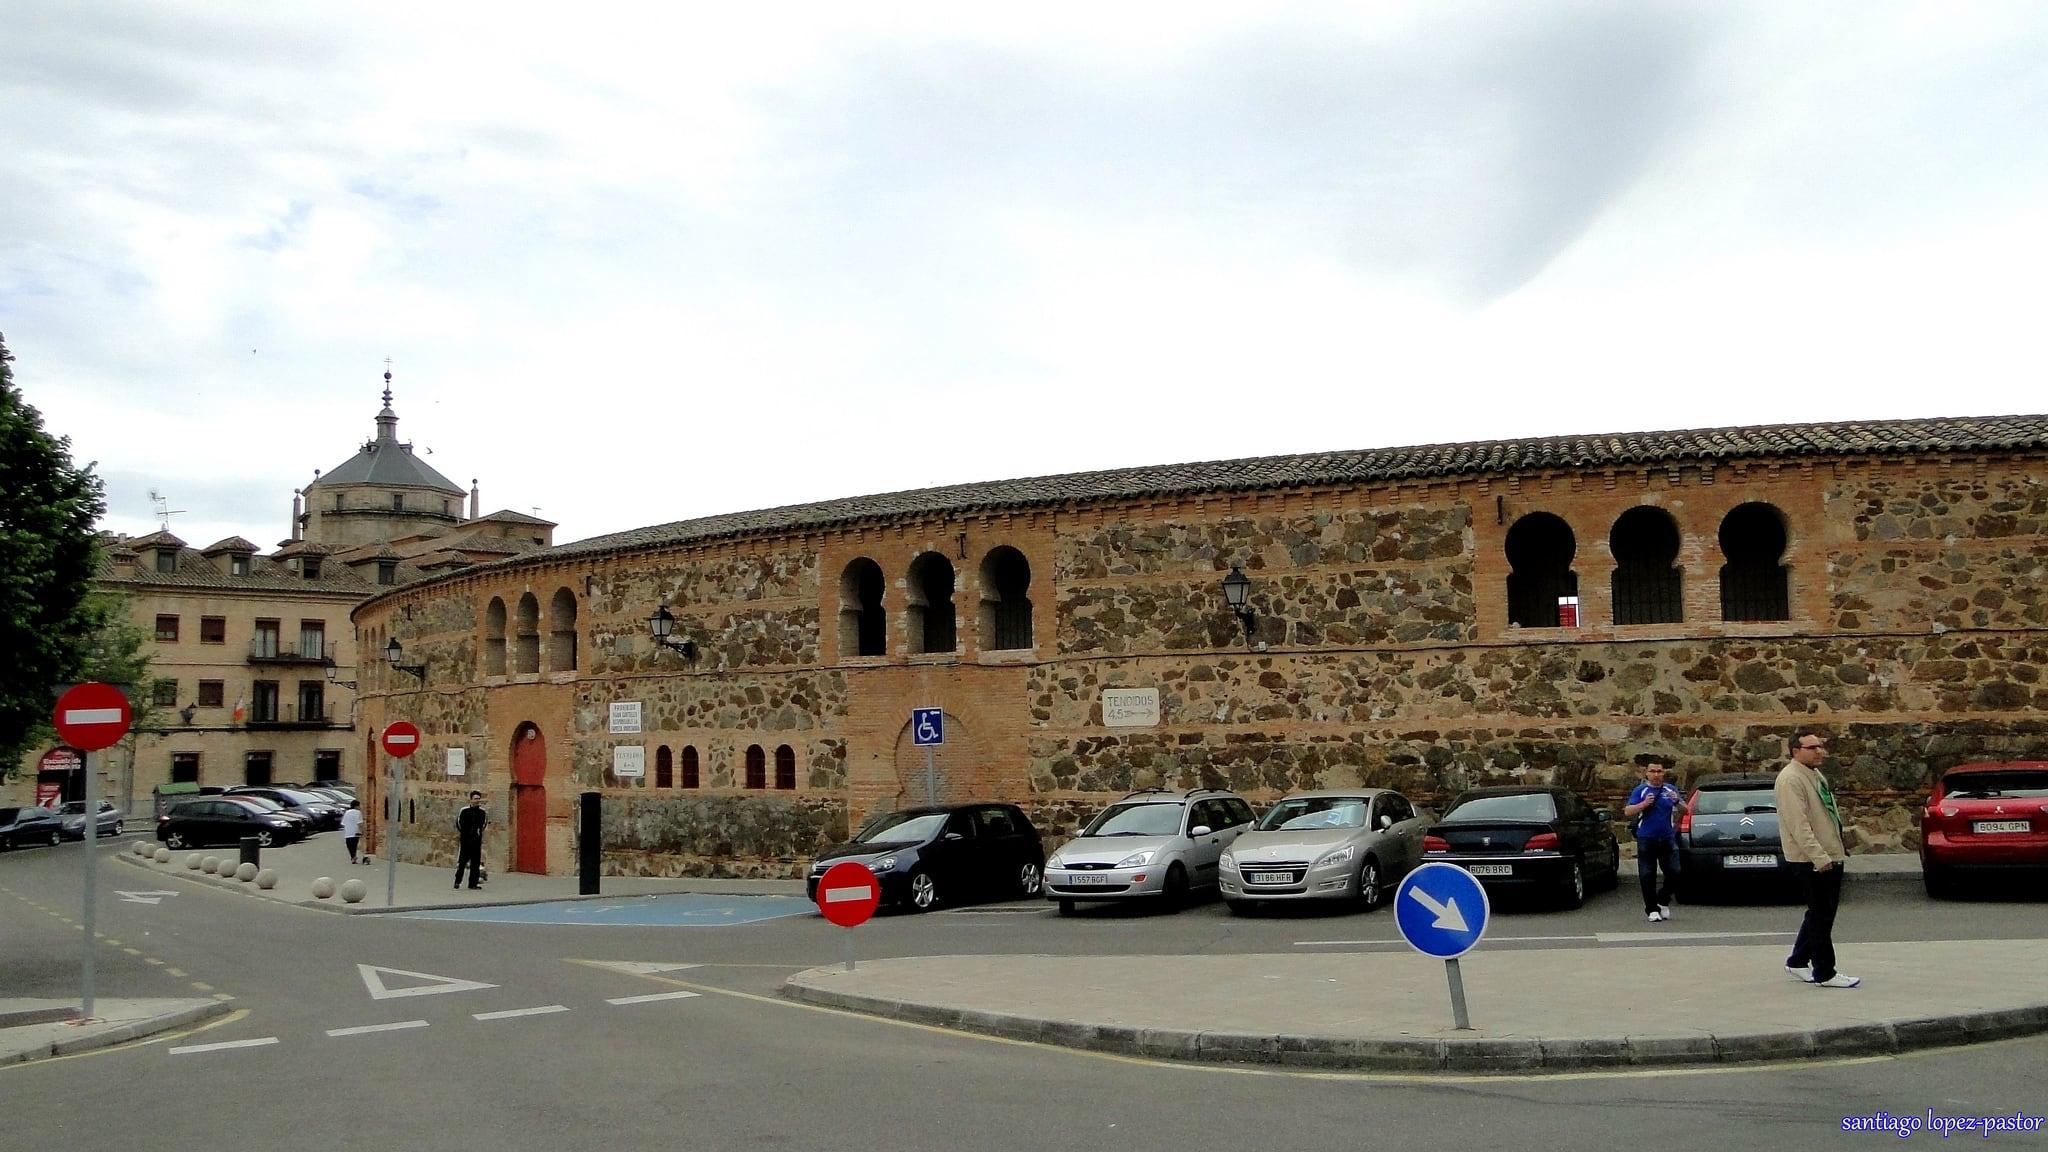 Obrázek Plaza de Toros. españa spain toledo espagne castilla castillalamancha neomudéjar provinciadetoledo